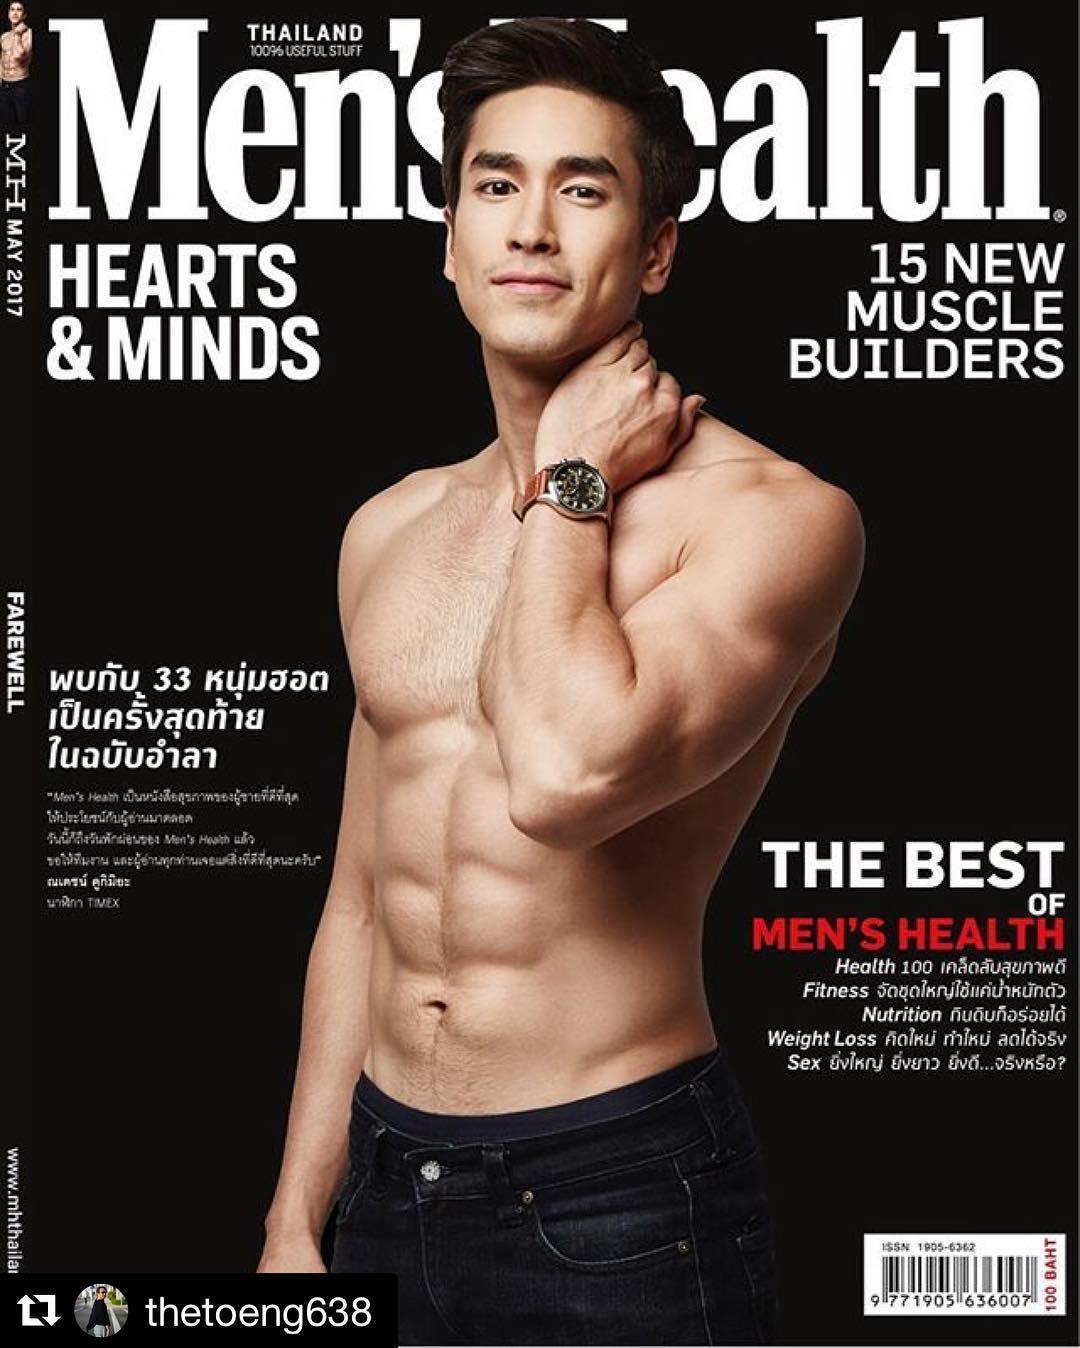 """7 mỹ nam có cơ bắp """"khủng"""" ở Thái Lan khiến chị em ngất ngây - 7"""